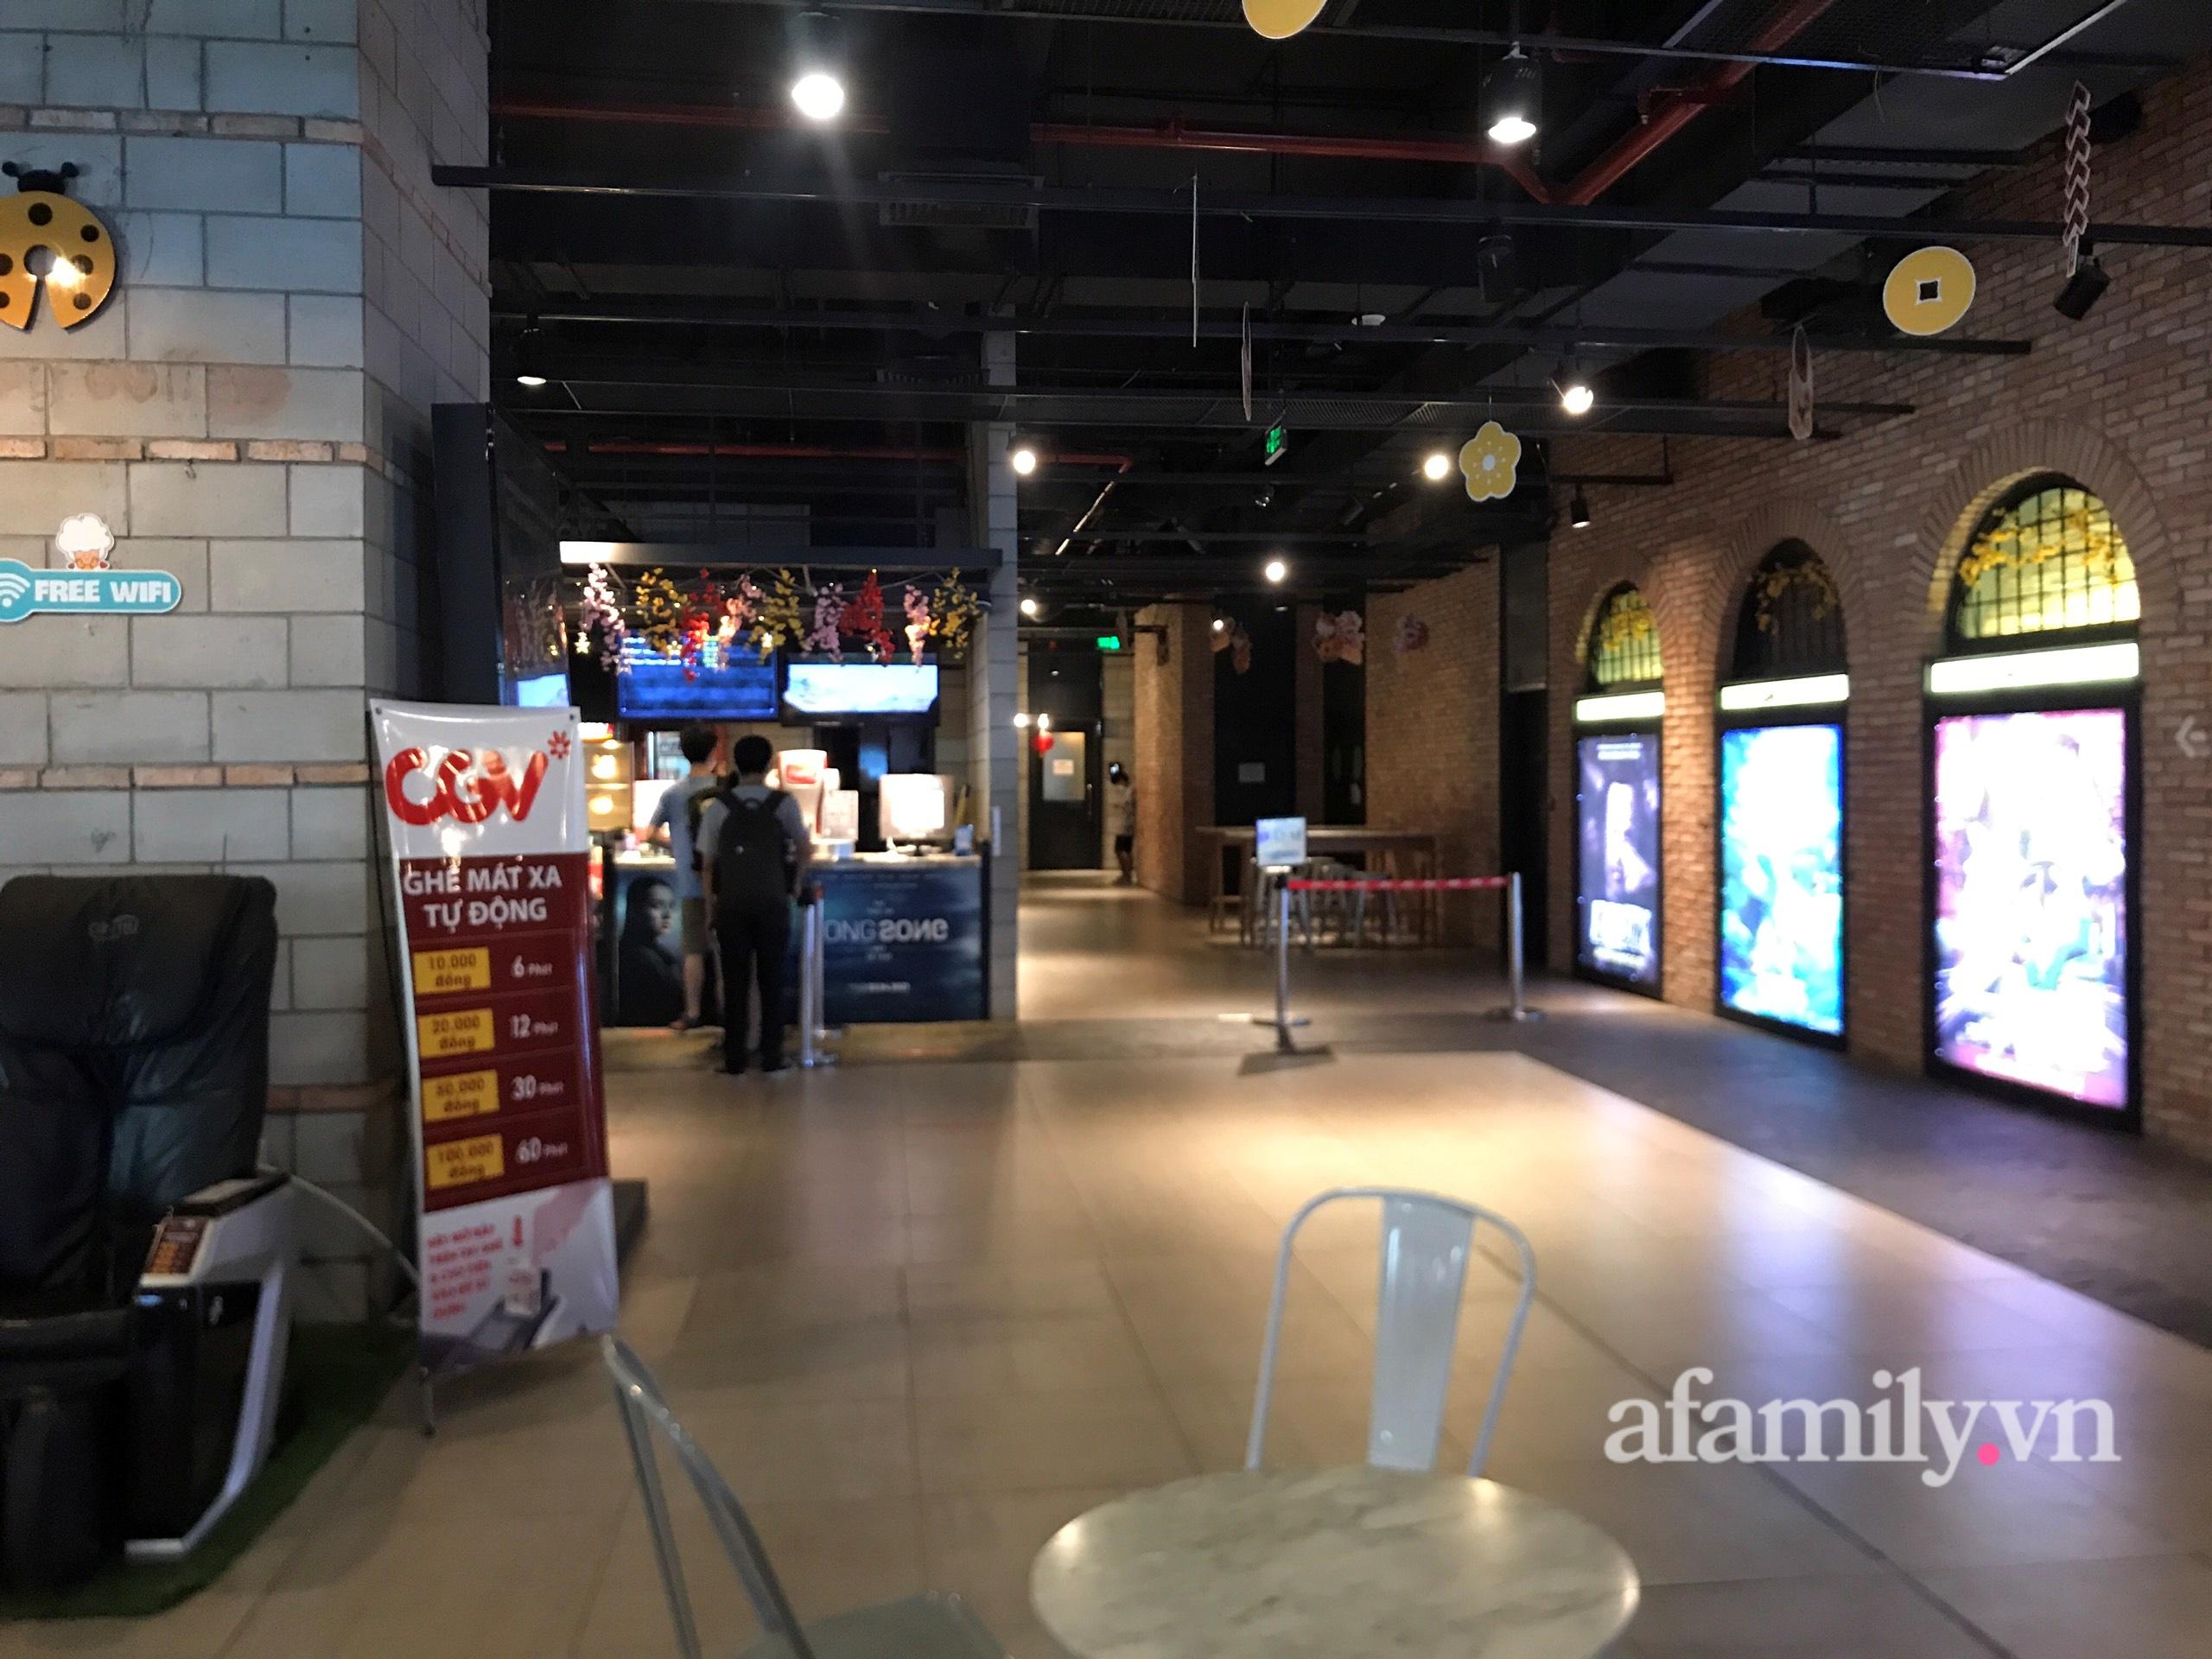 Rạp chiếu phim Hà Nội trước giờ tạm dừng hoạt động vì chống dịch: Vắng vẻ đến bất ngờ - Ảnh 9.